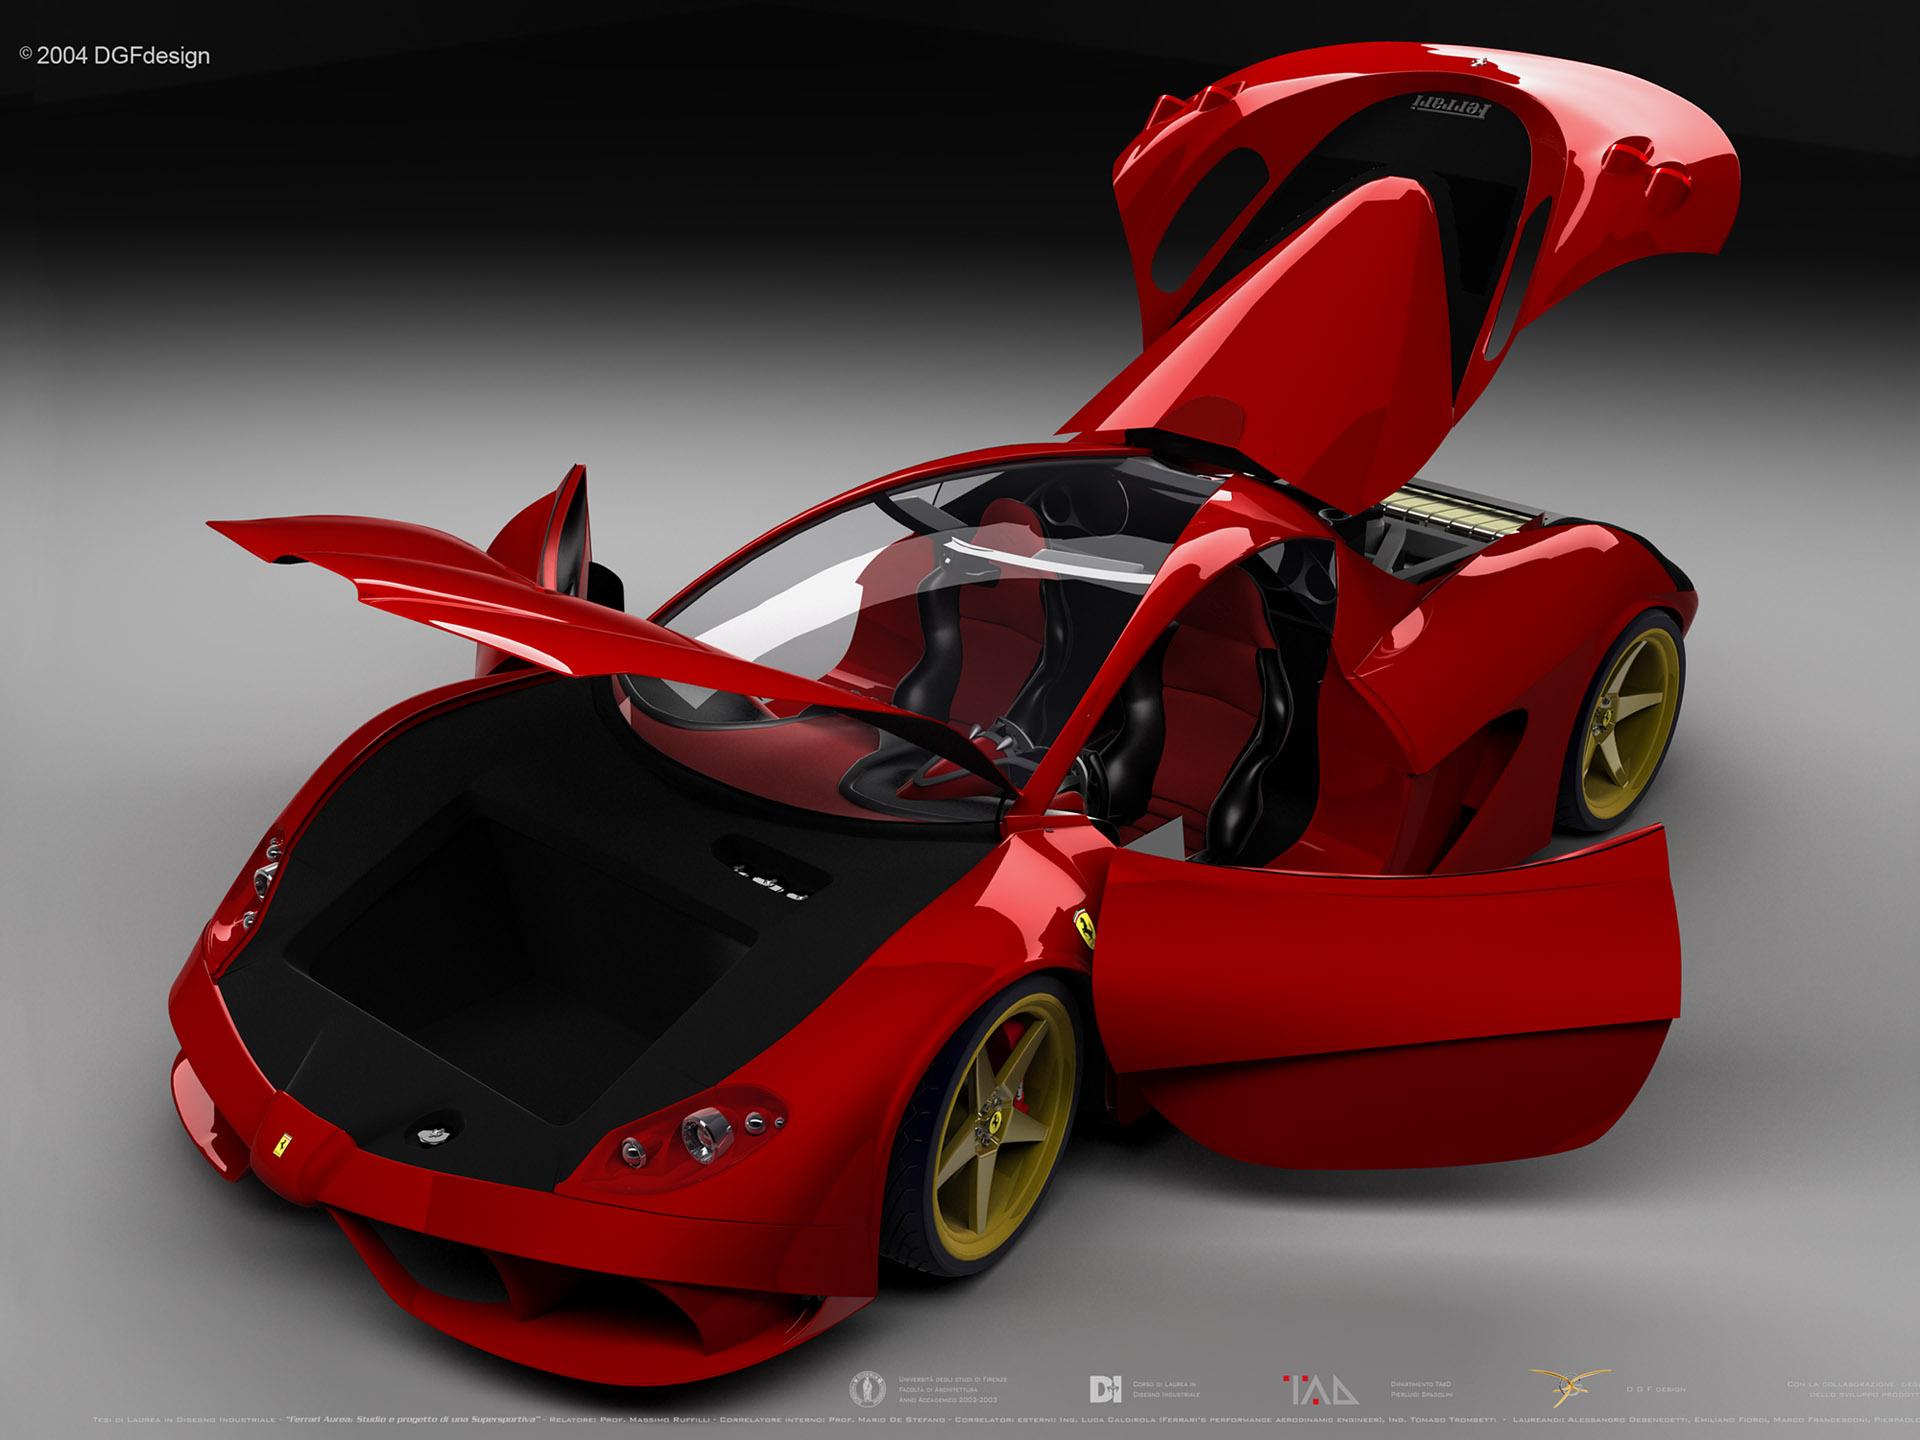 красная машина, ferrari с открытыми дверями, скачать, фото